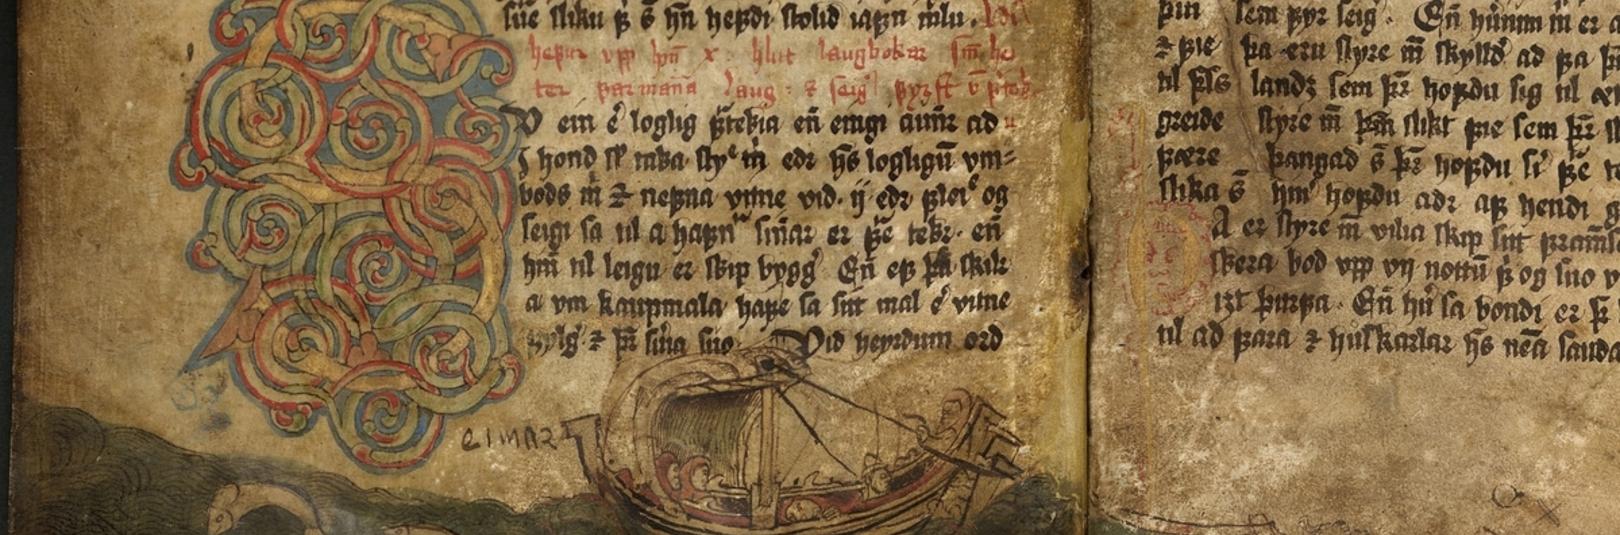 Landflótti, landnám ogáföll í Íslendingasögum - á vefsíðu Háskóla Íslands